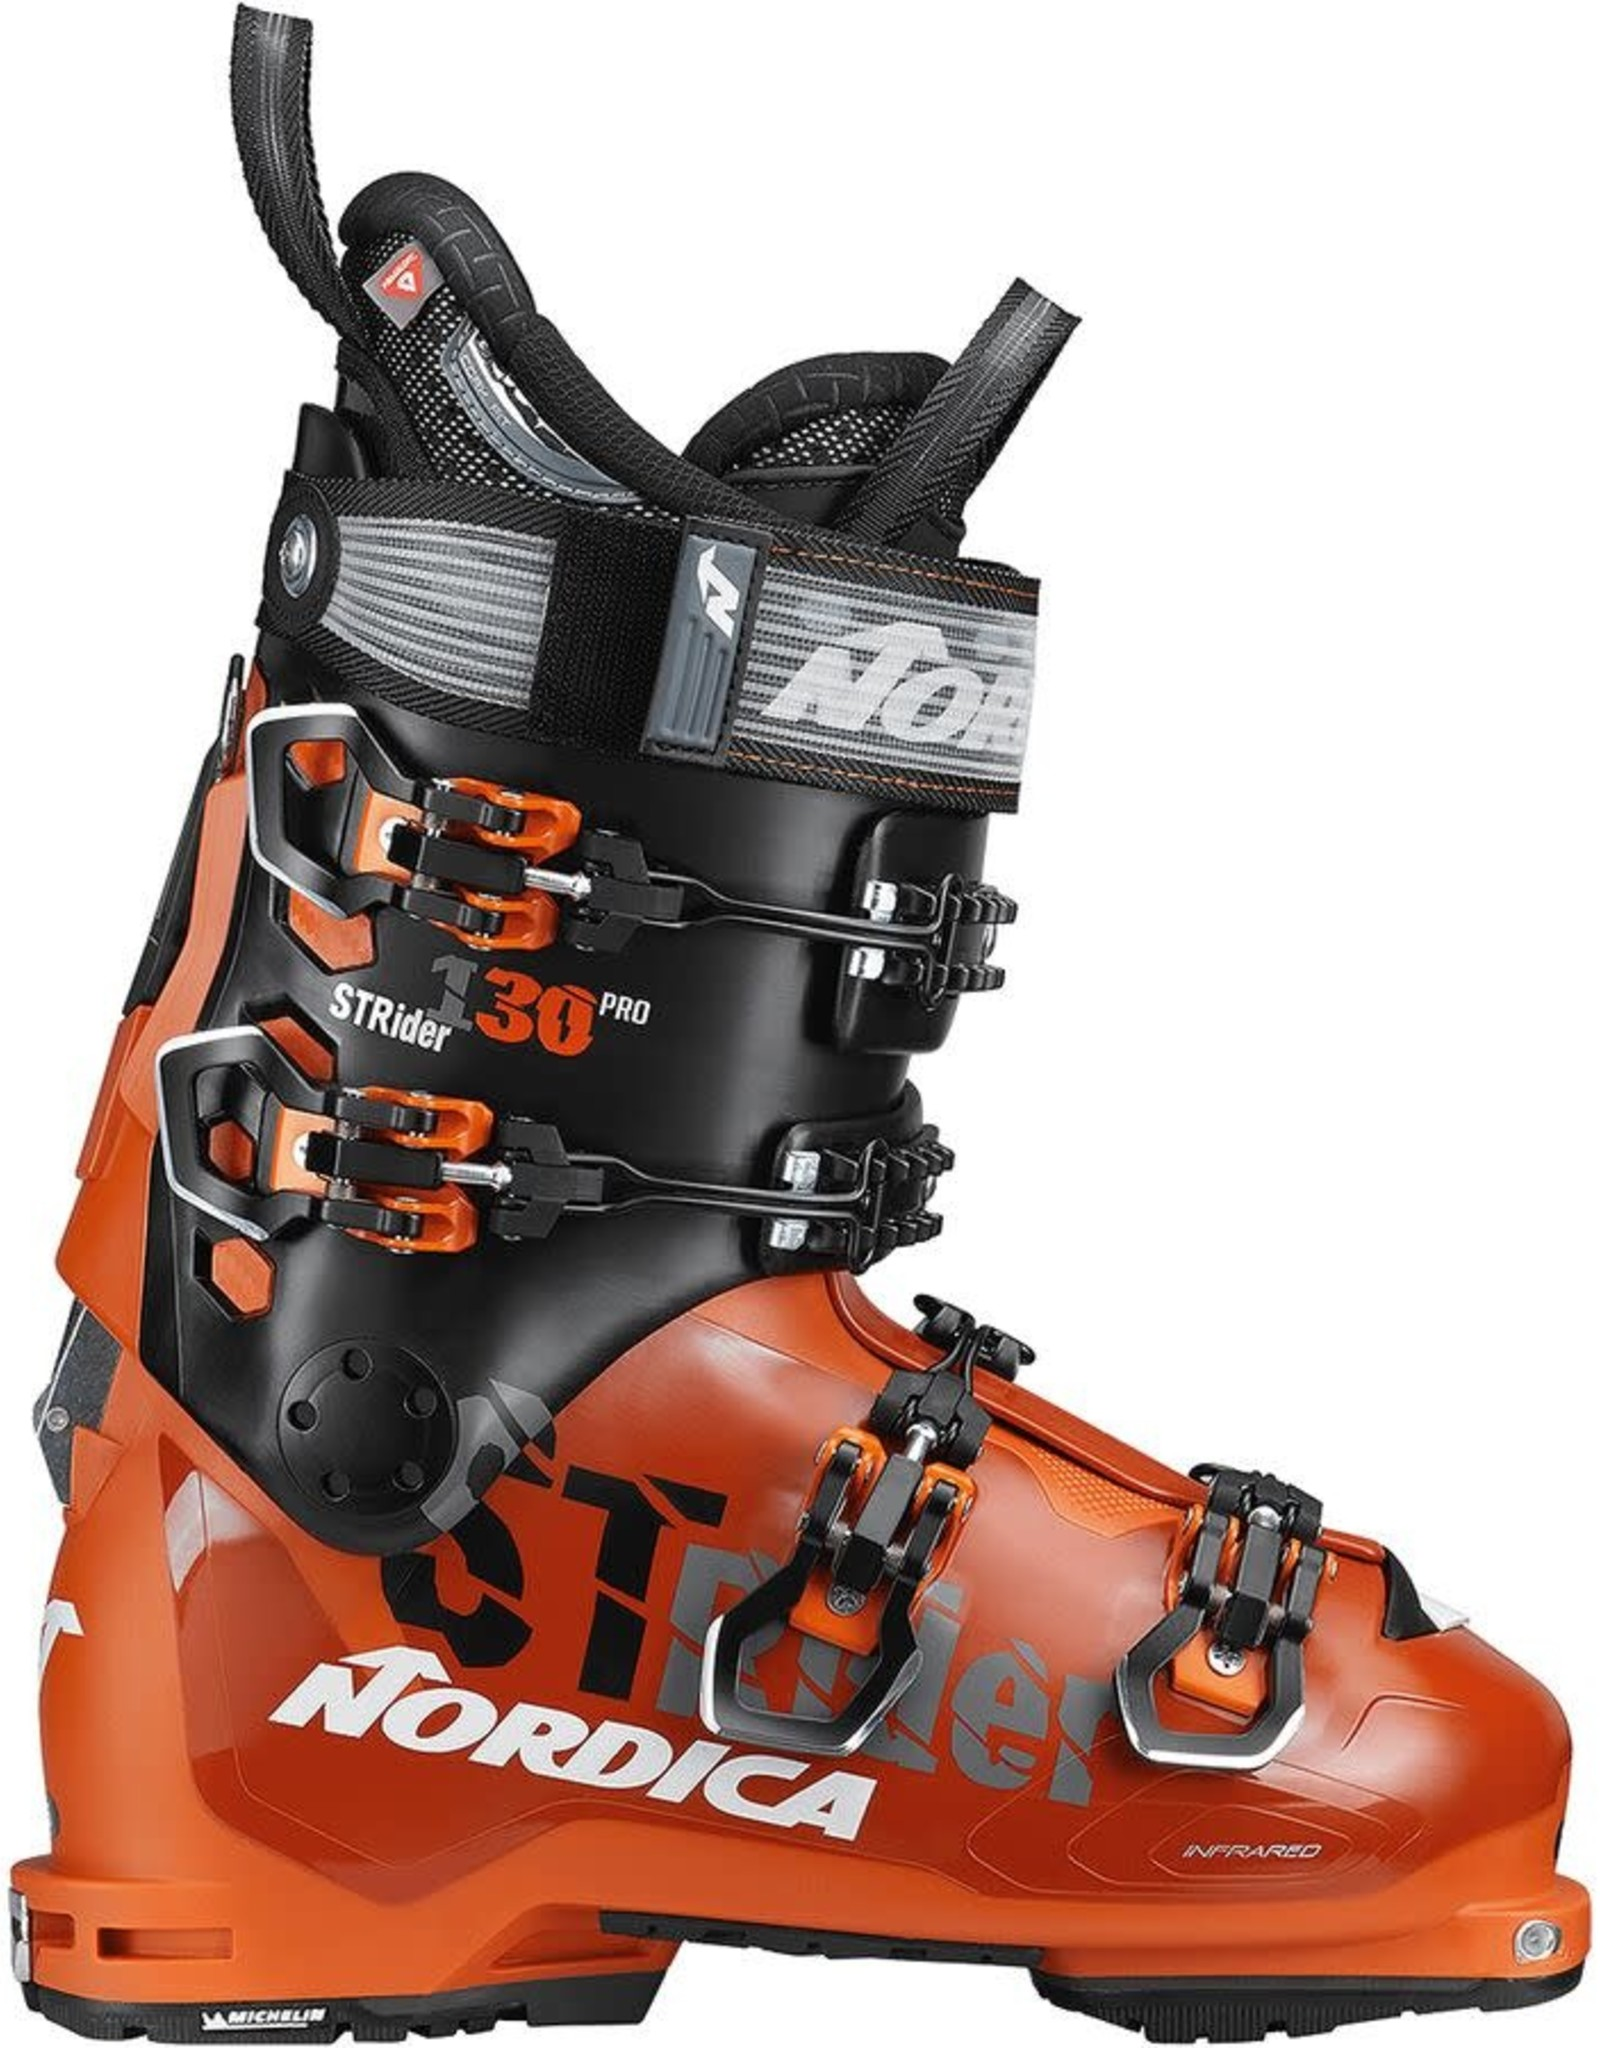 NORDICA NORDICA Ski Boots STRIDER 130 PRO DYN (20/21)